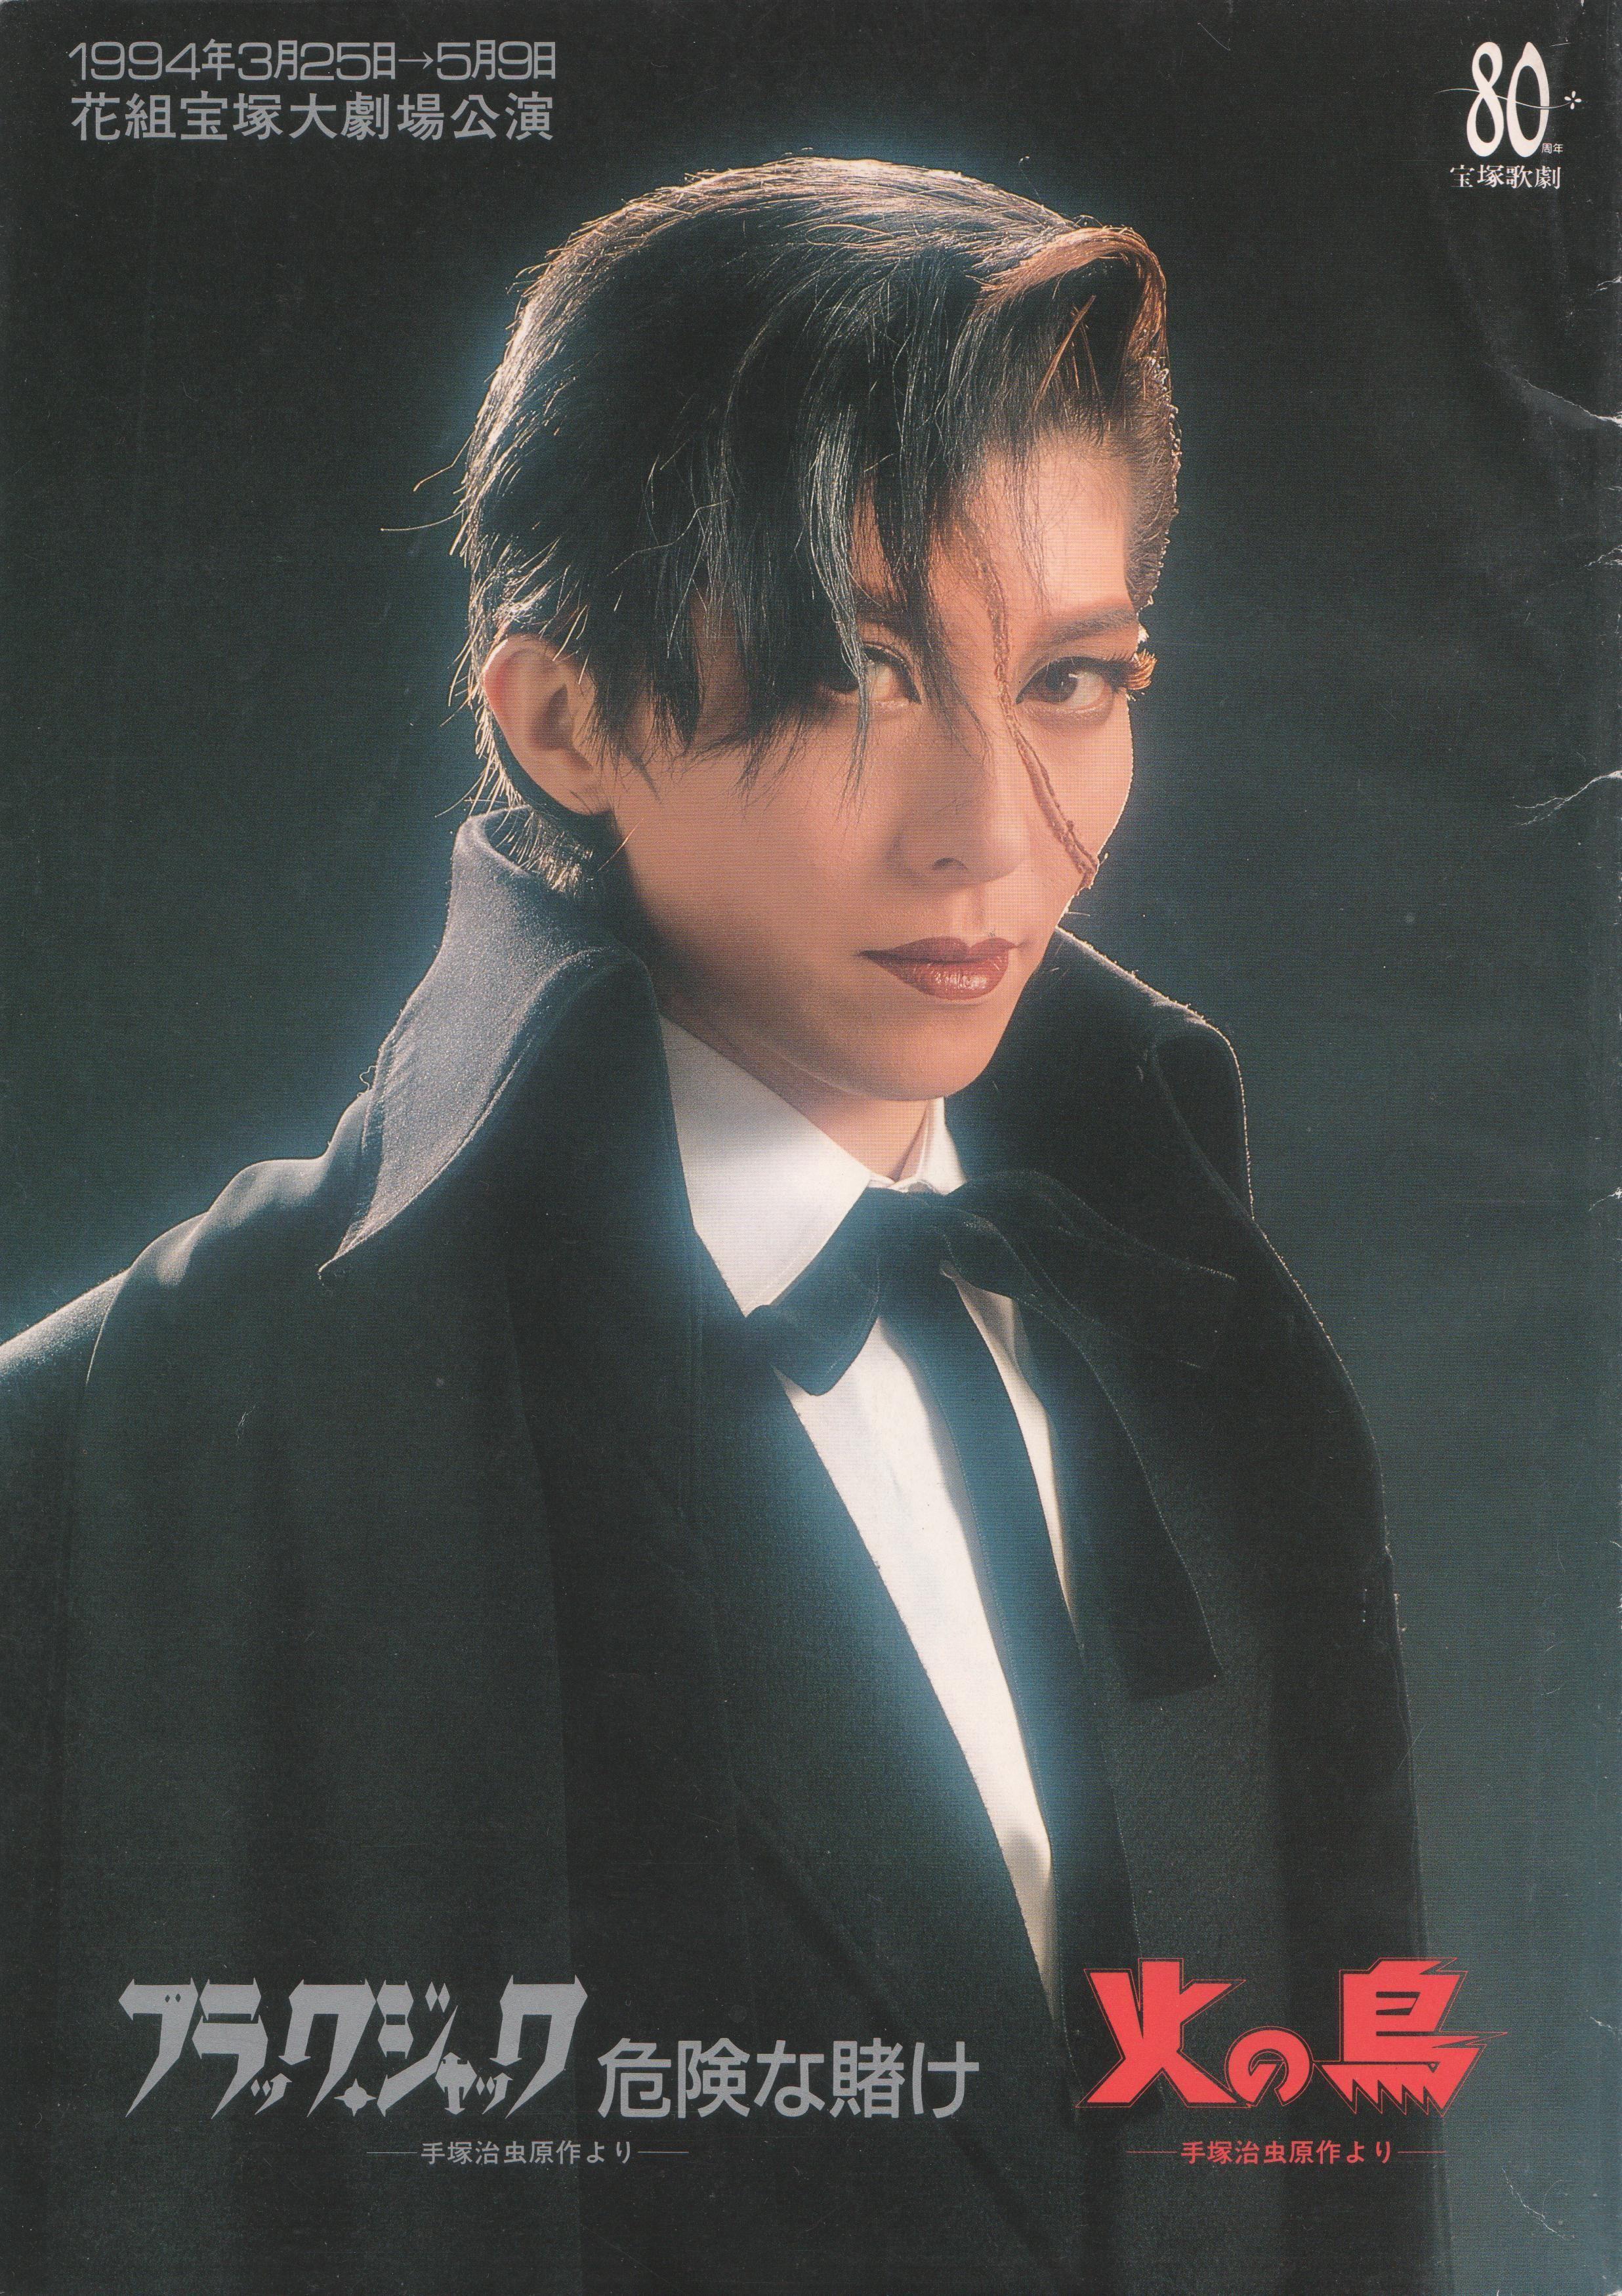 ブラックジャック危険な賭け/火の鳥 1994年3月25日→5月9日花組宝塚大劇場公演パンフレット